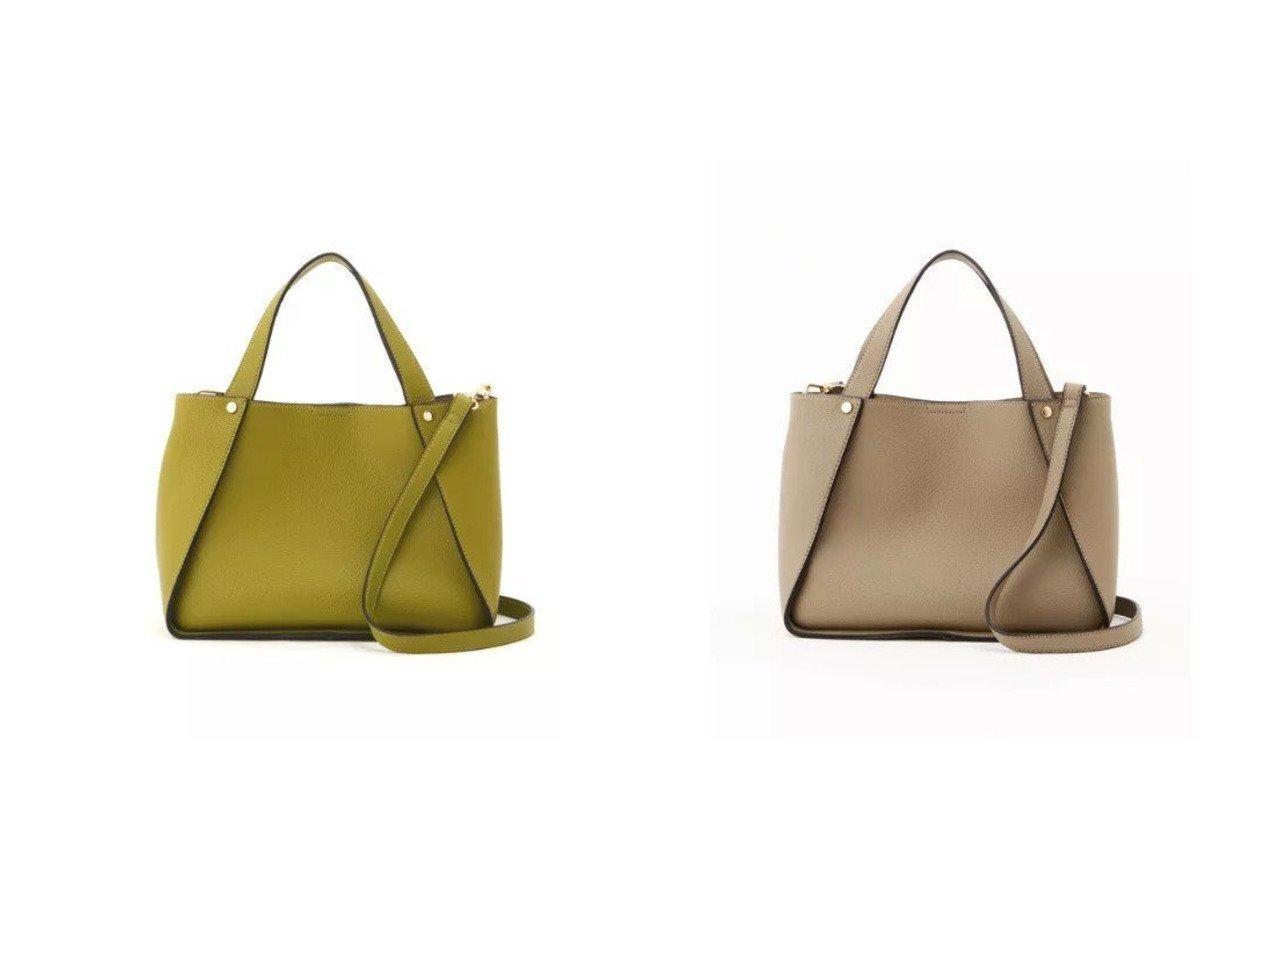 【NATURAL BEAUTY BASIC/ナチュラル ビューティー ベーシック】のトラペーズデイリートート 【バッグ・鞄】おすすめ!人気、トレンド・レディースファッションの通販 おすすめで人気の流行・トレンド、ファッションの通販商品 メンズファッション・キッズファッション・インテリア・家具・レディースファッション・服の通販 founy(ファニー) https://founy.com/ ファッション Fashion レディースファッション WOMEN バッグ Bag おすすめ Recommend 台形 |ID:crp329100000029230